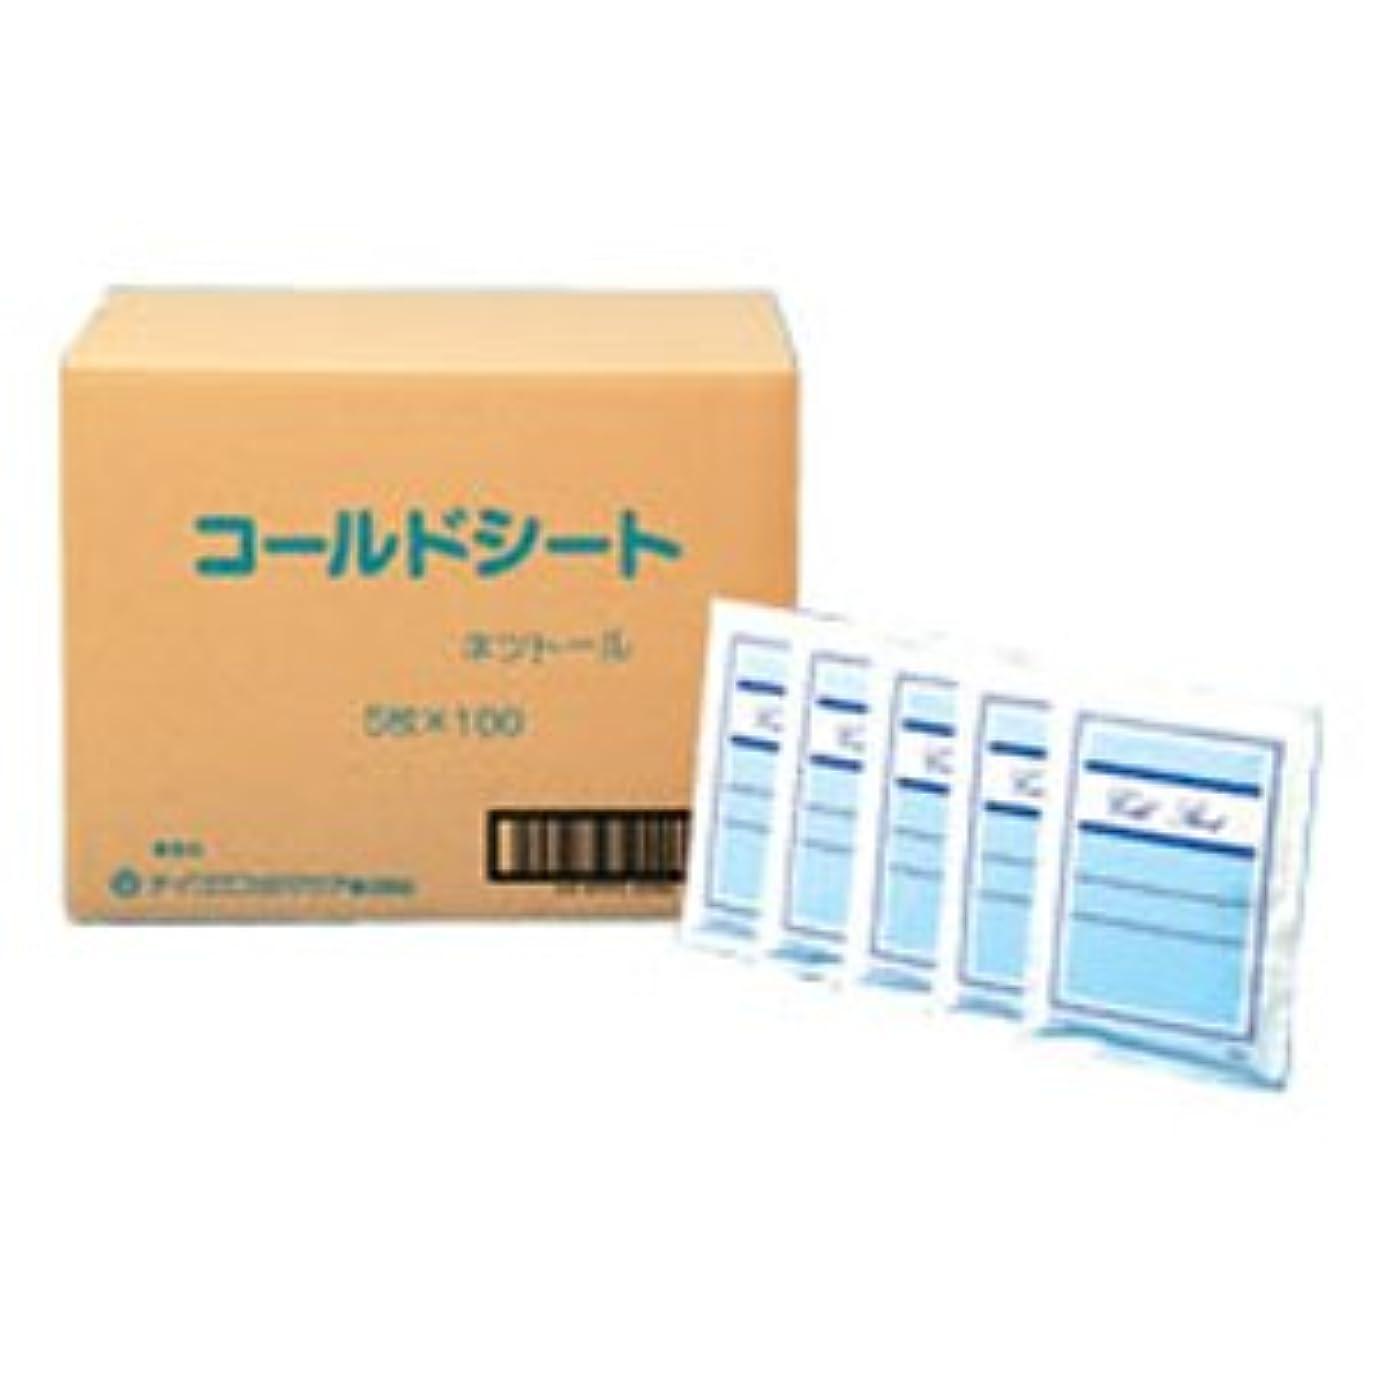 バナー付添人チャンバー(テイコクファルマケア) コールドシート (5枚×6袋入り)